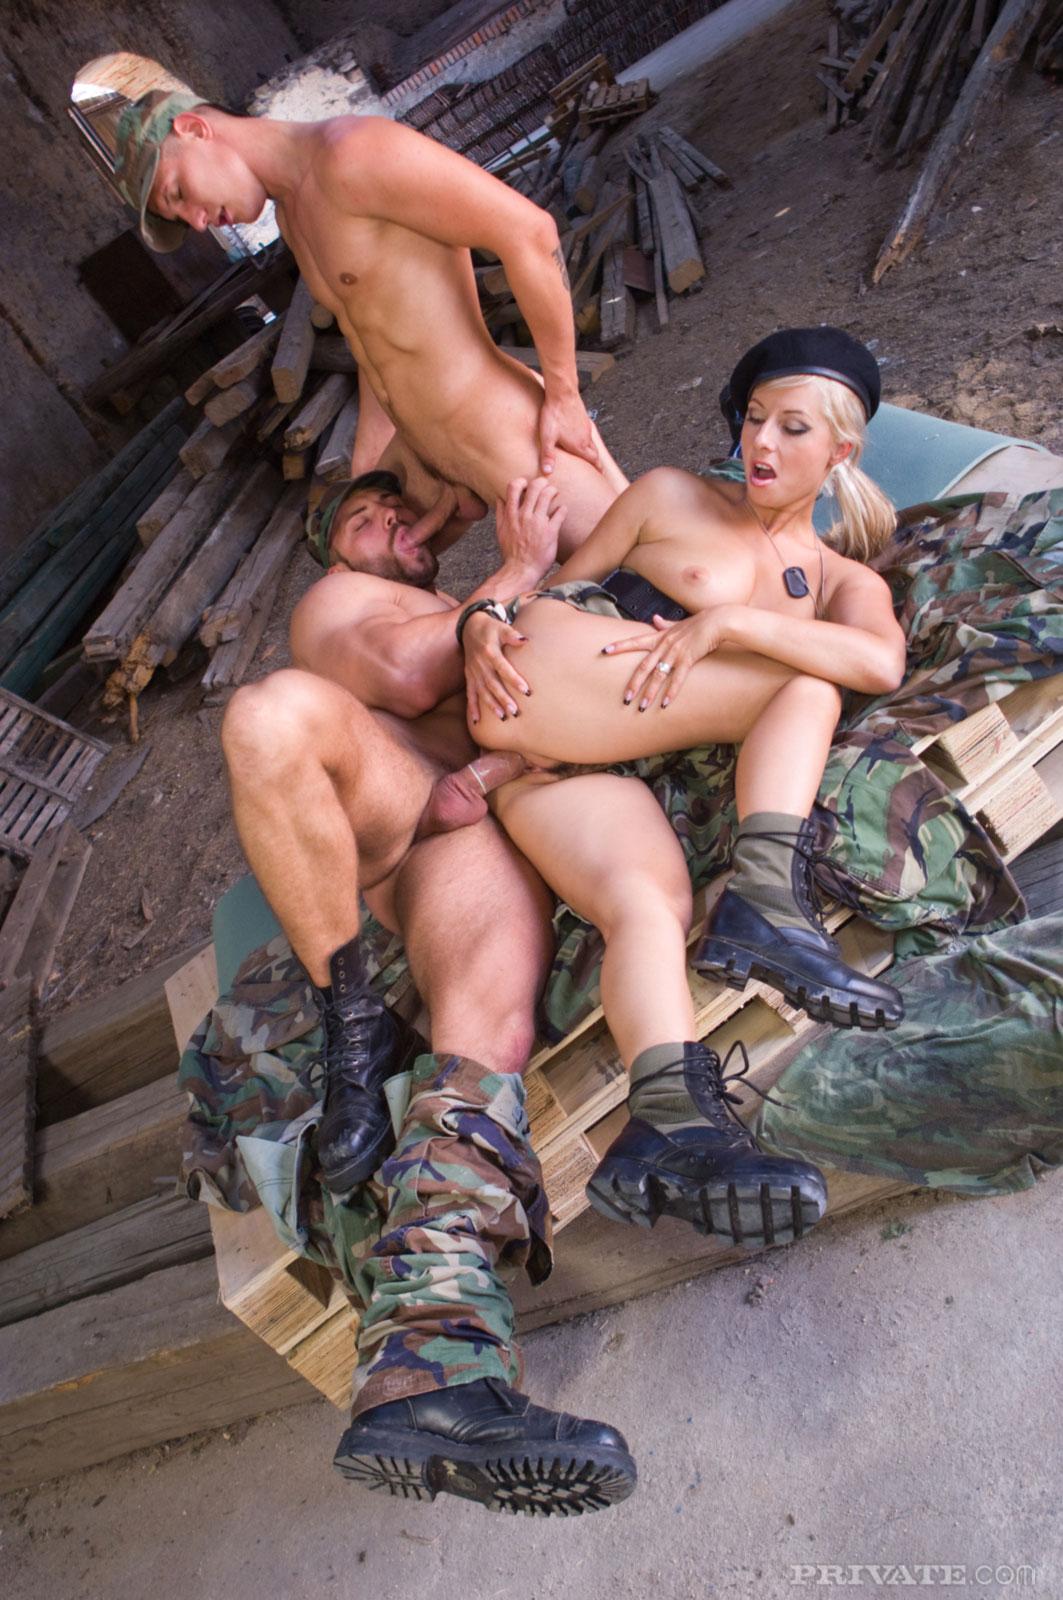 ироничную видео военные трахают пленницу каком основании россия